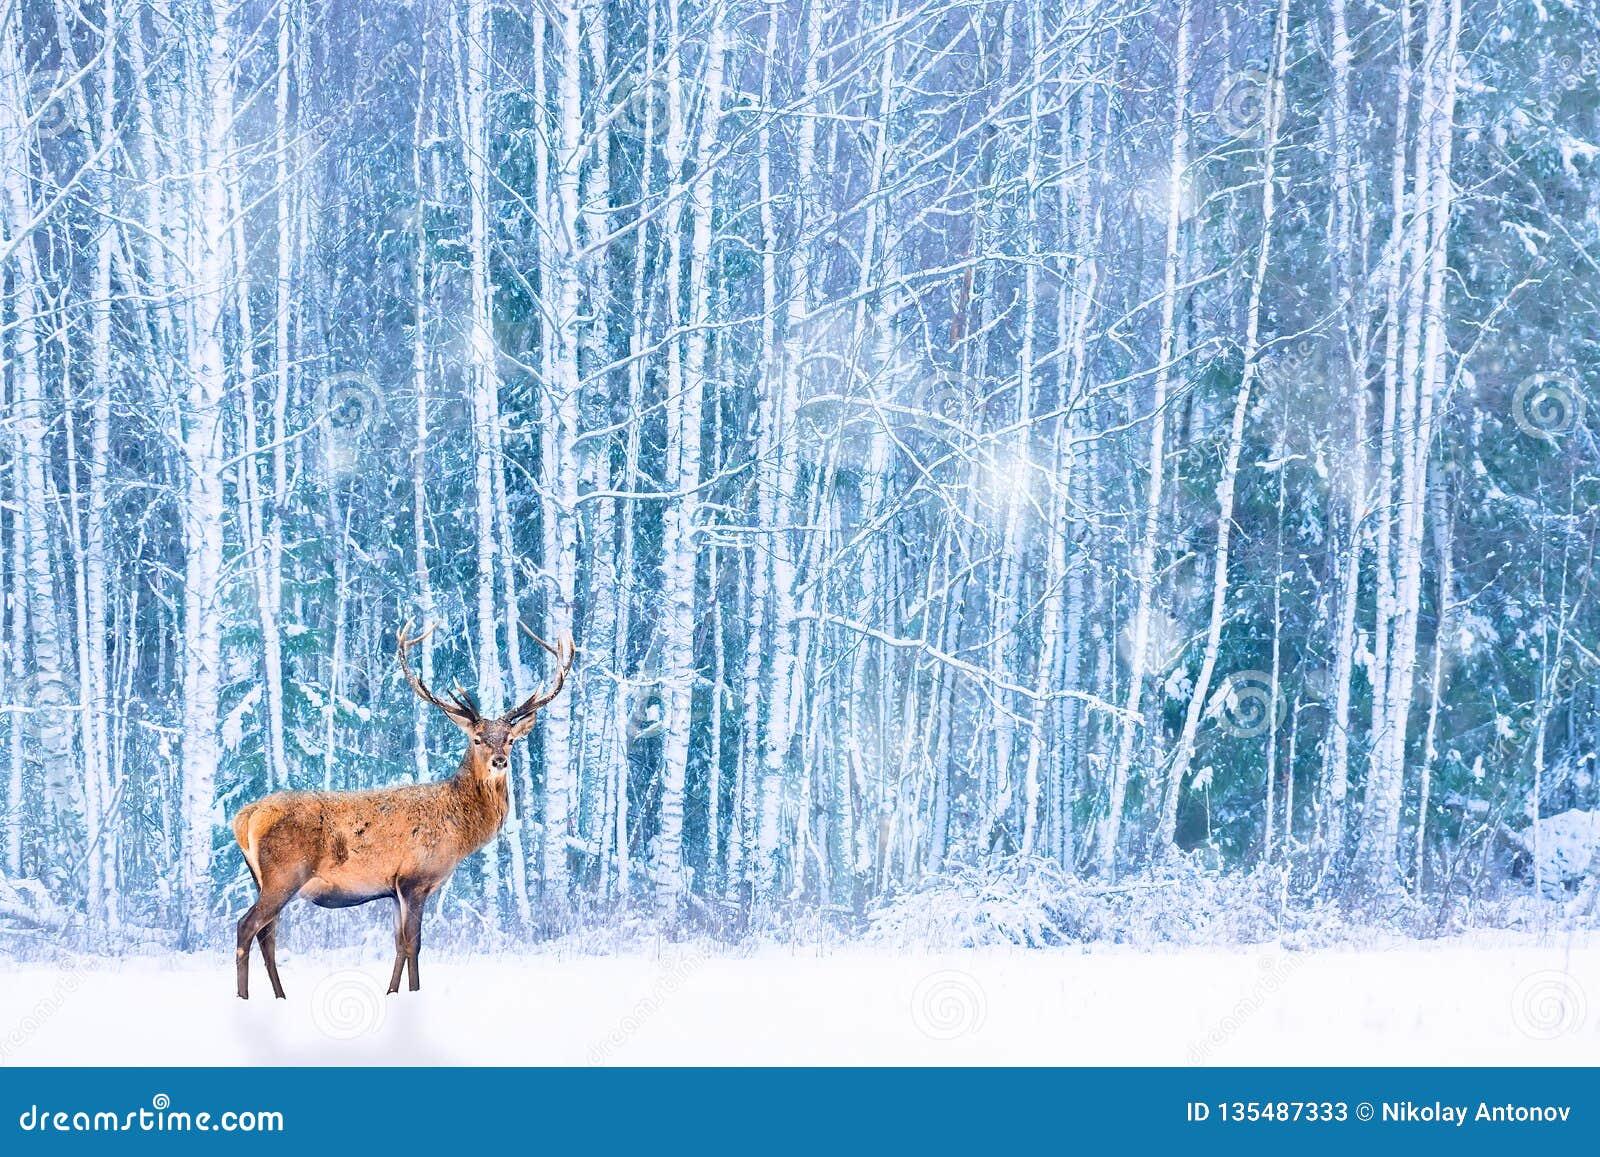 Благородные олени против рождества феи снежного леса зимы художественного Изображение зимы сезонное